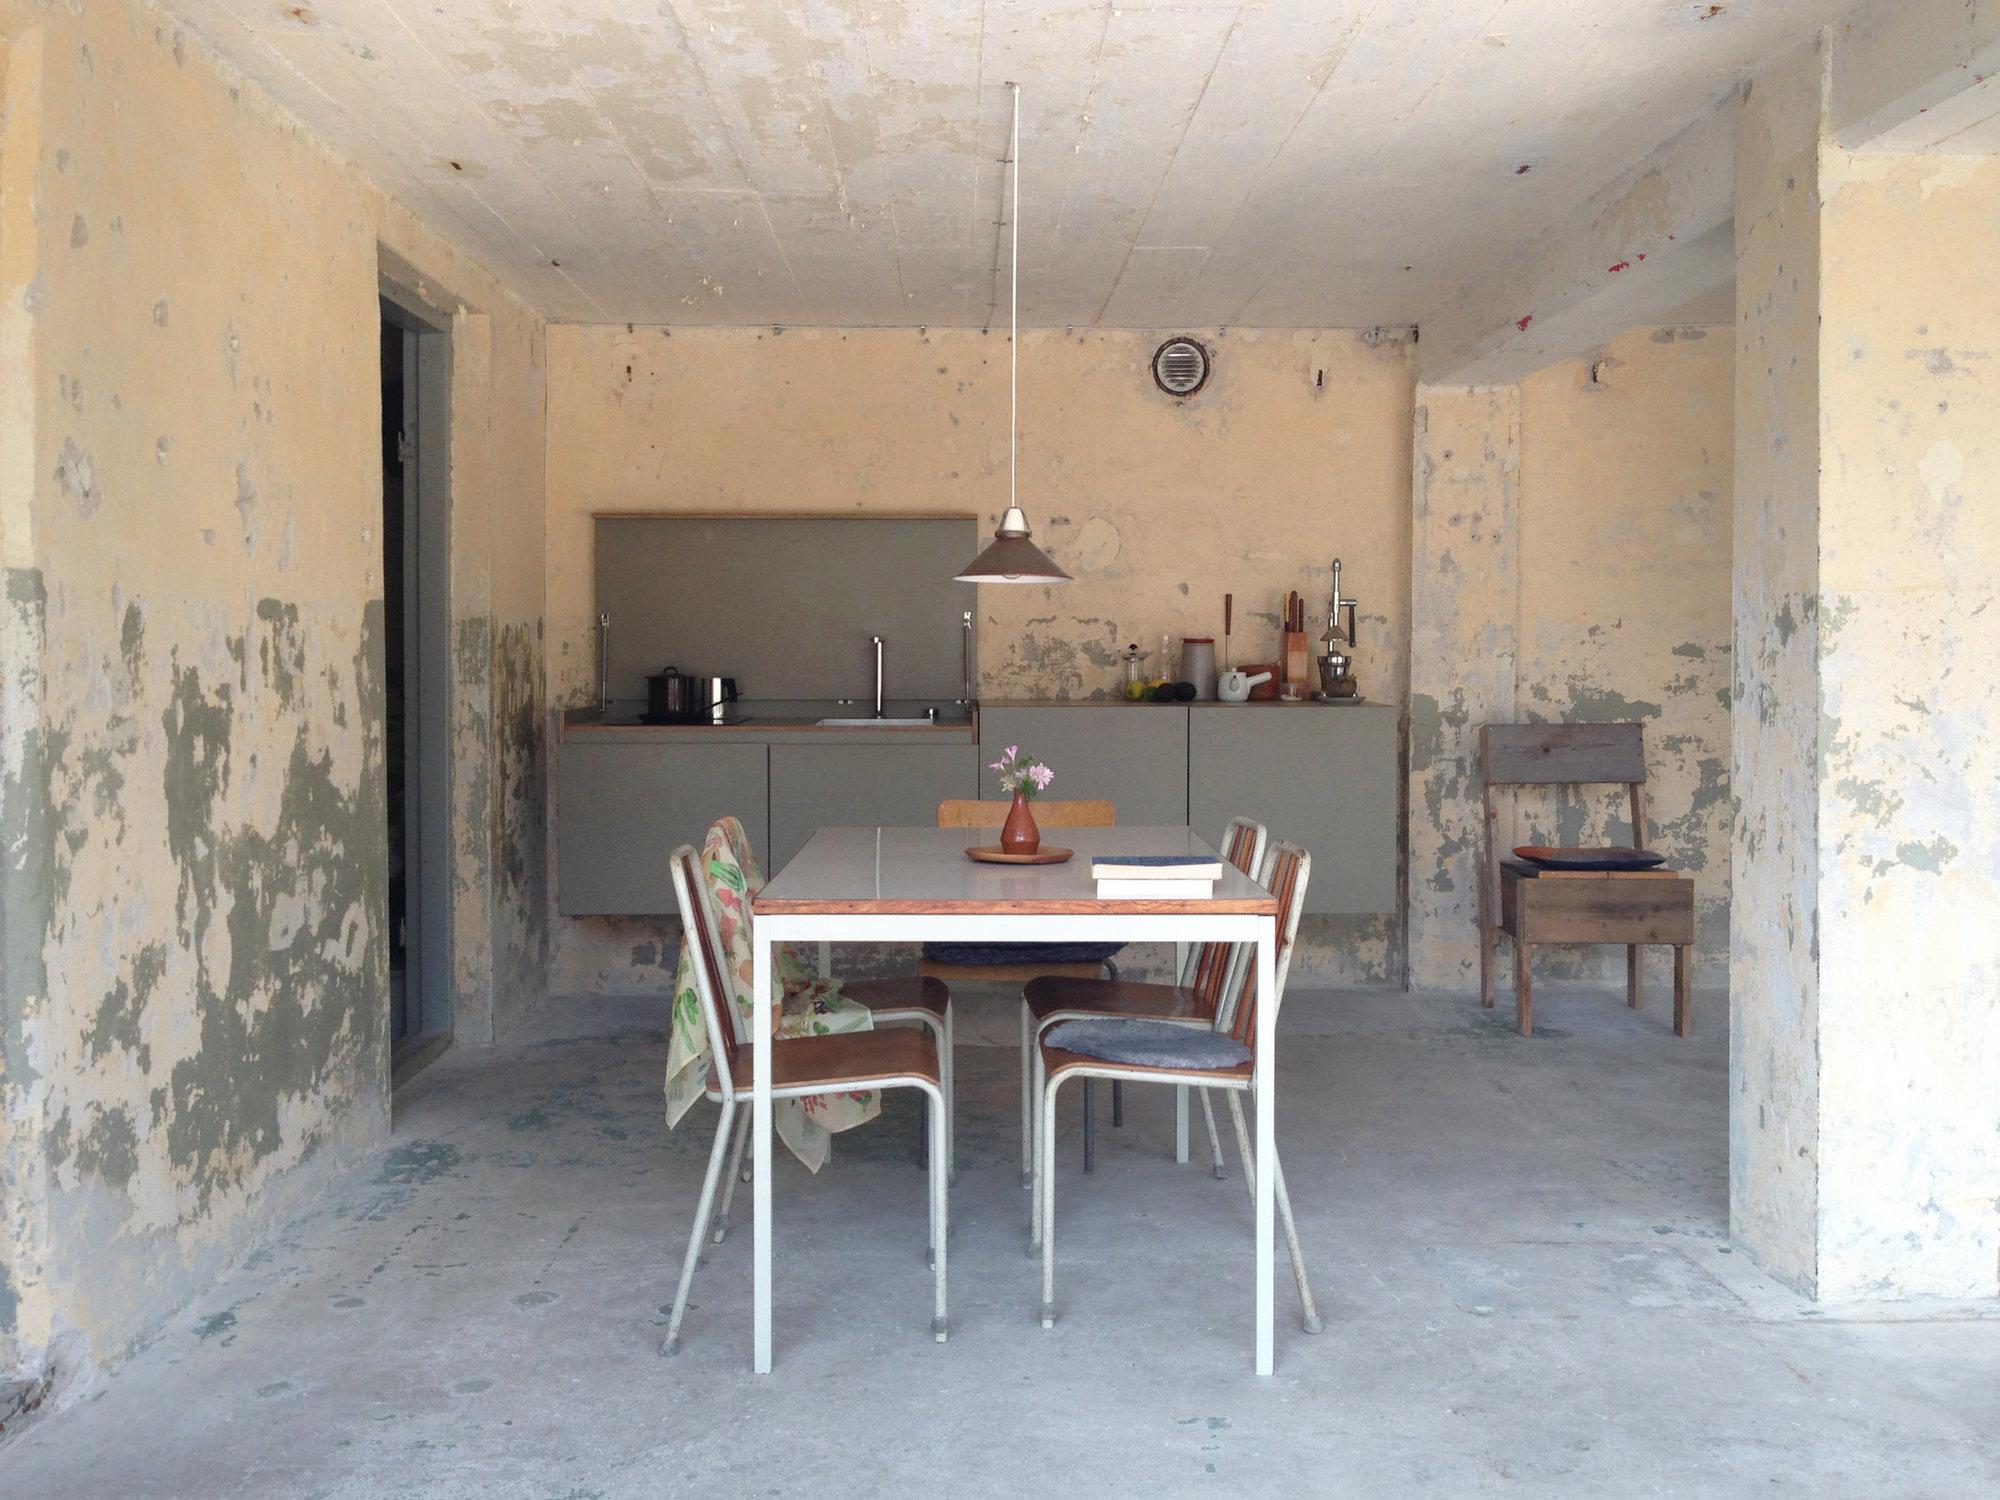 SL 1 Kitchen Module with Cooking zone white Miniki